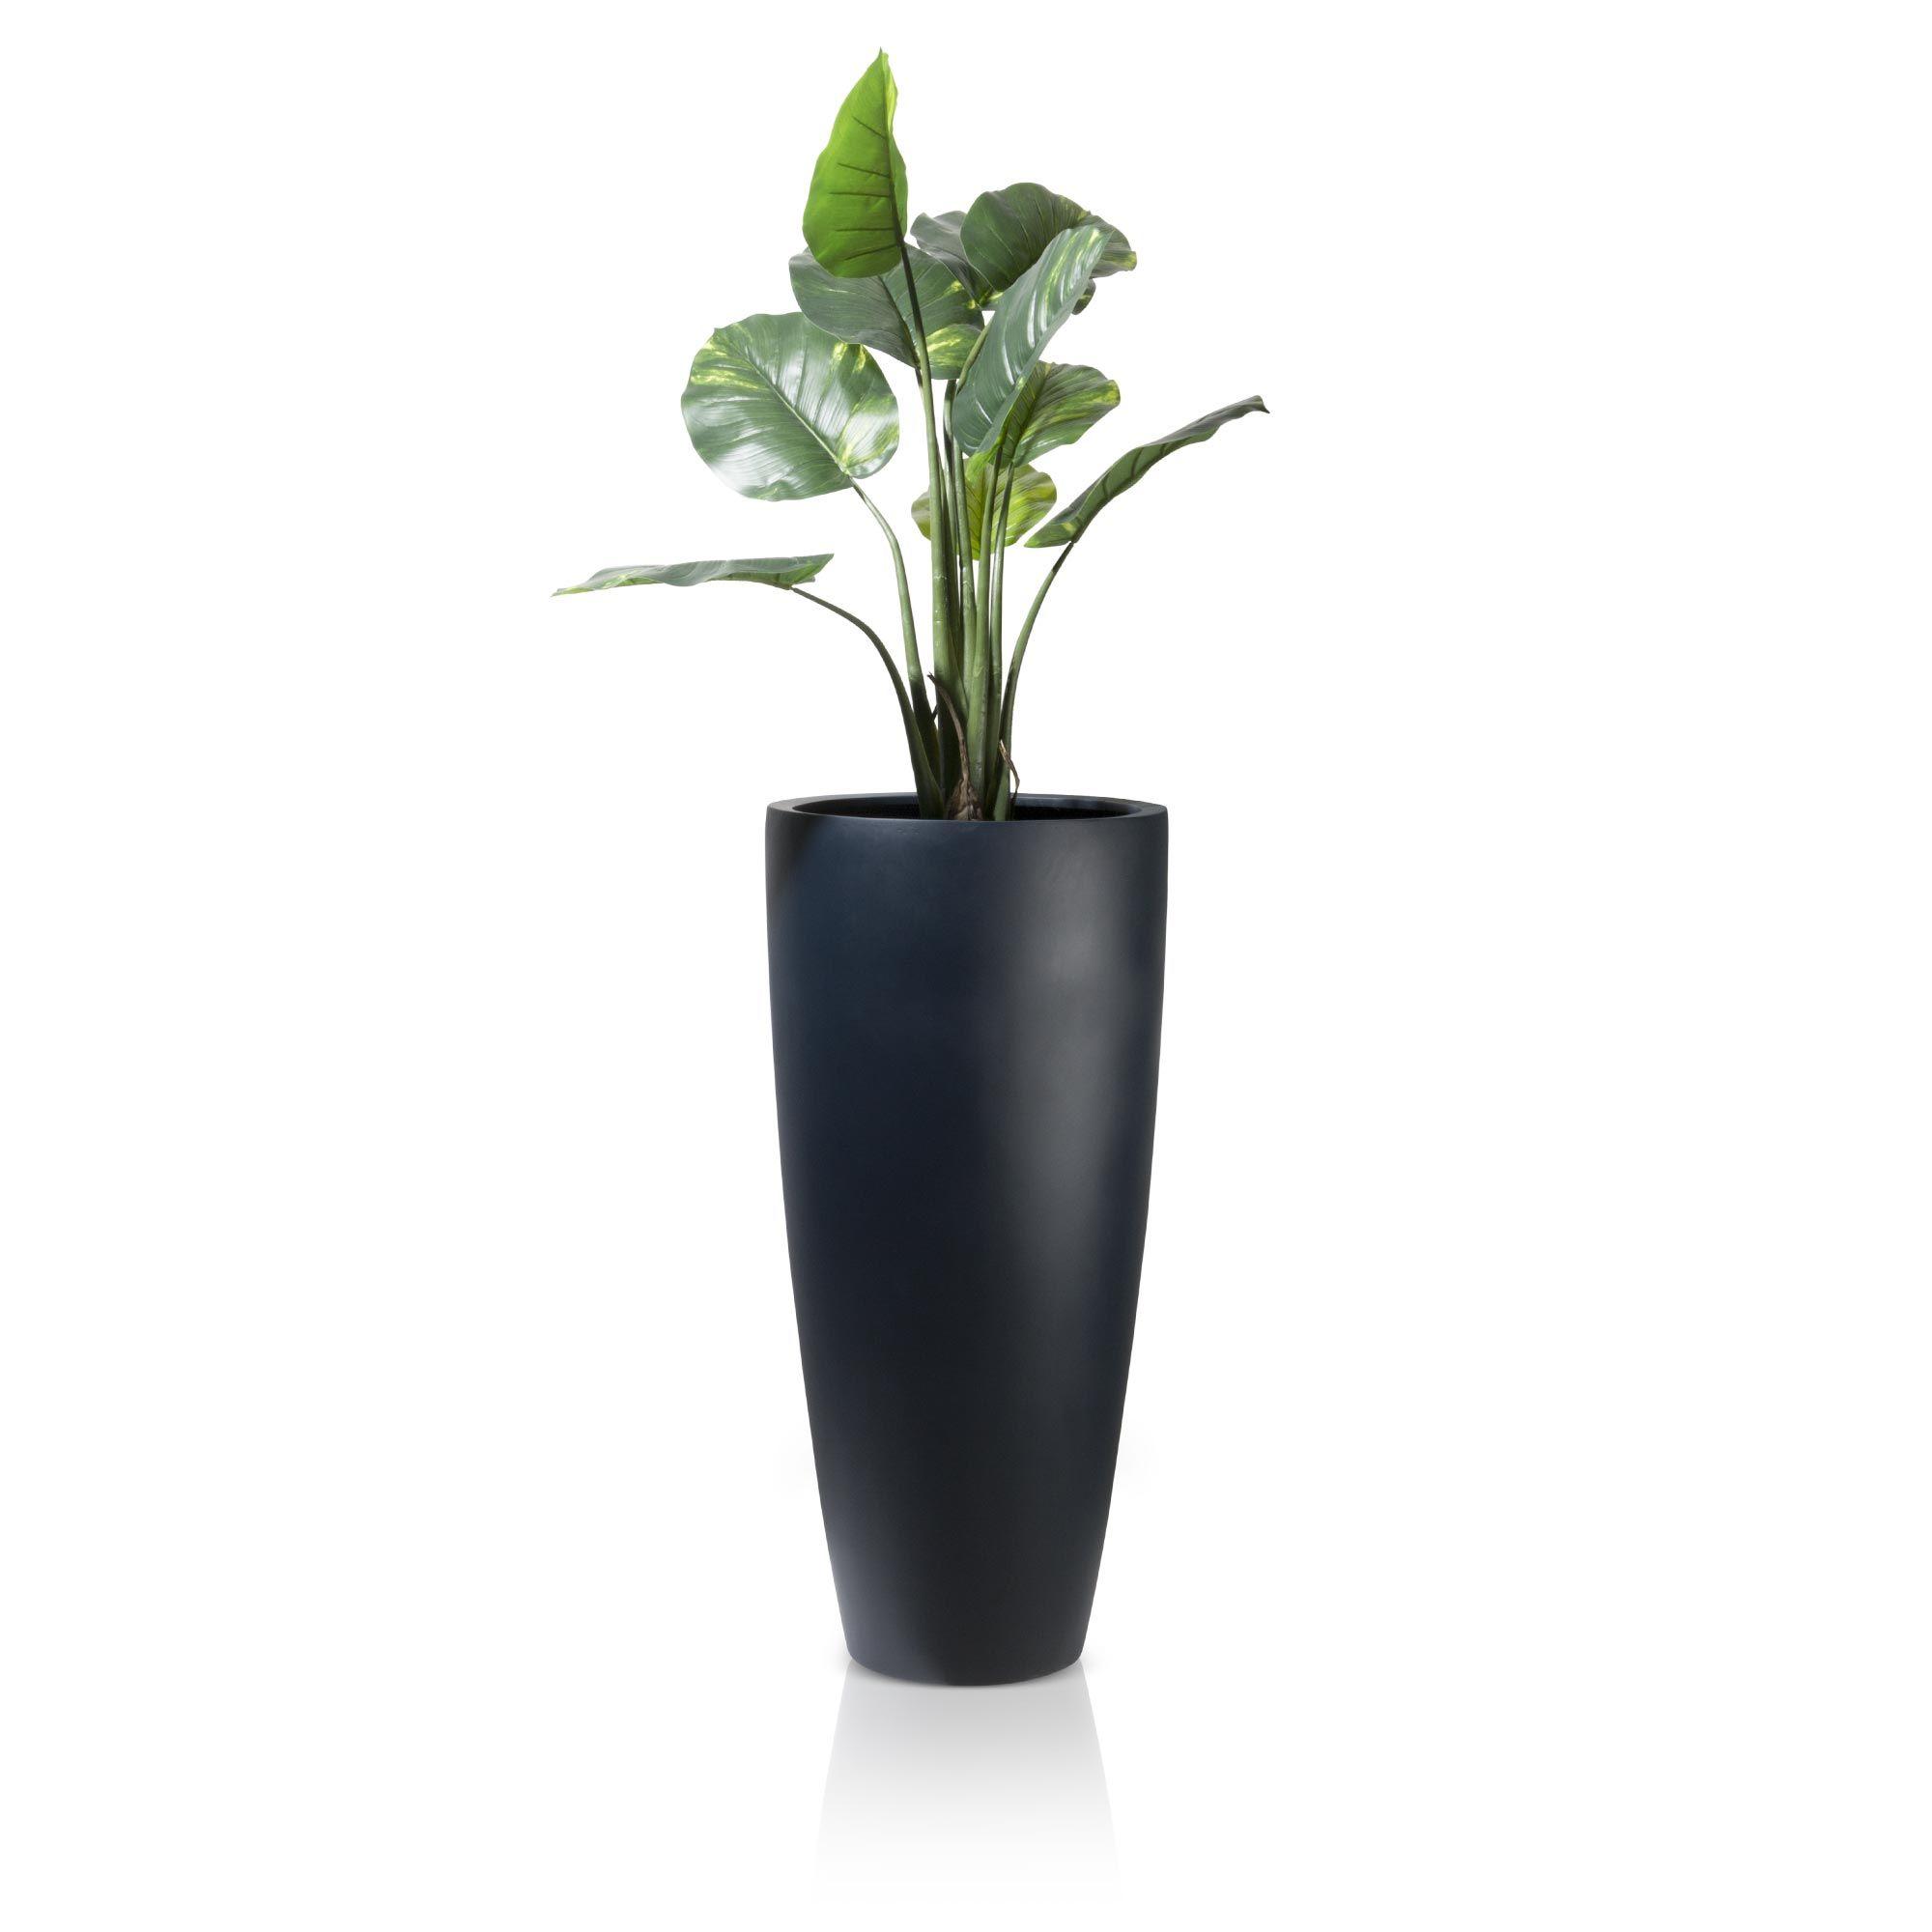 puro 100 ist ein schlanker runder pflanzk bel aus fiberglas in mattem anthrazit dessen. Black Bedroom Furniture Sets. Home Design Ideas